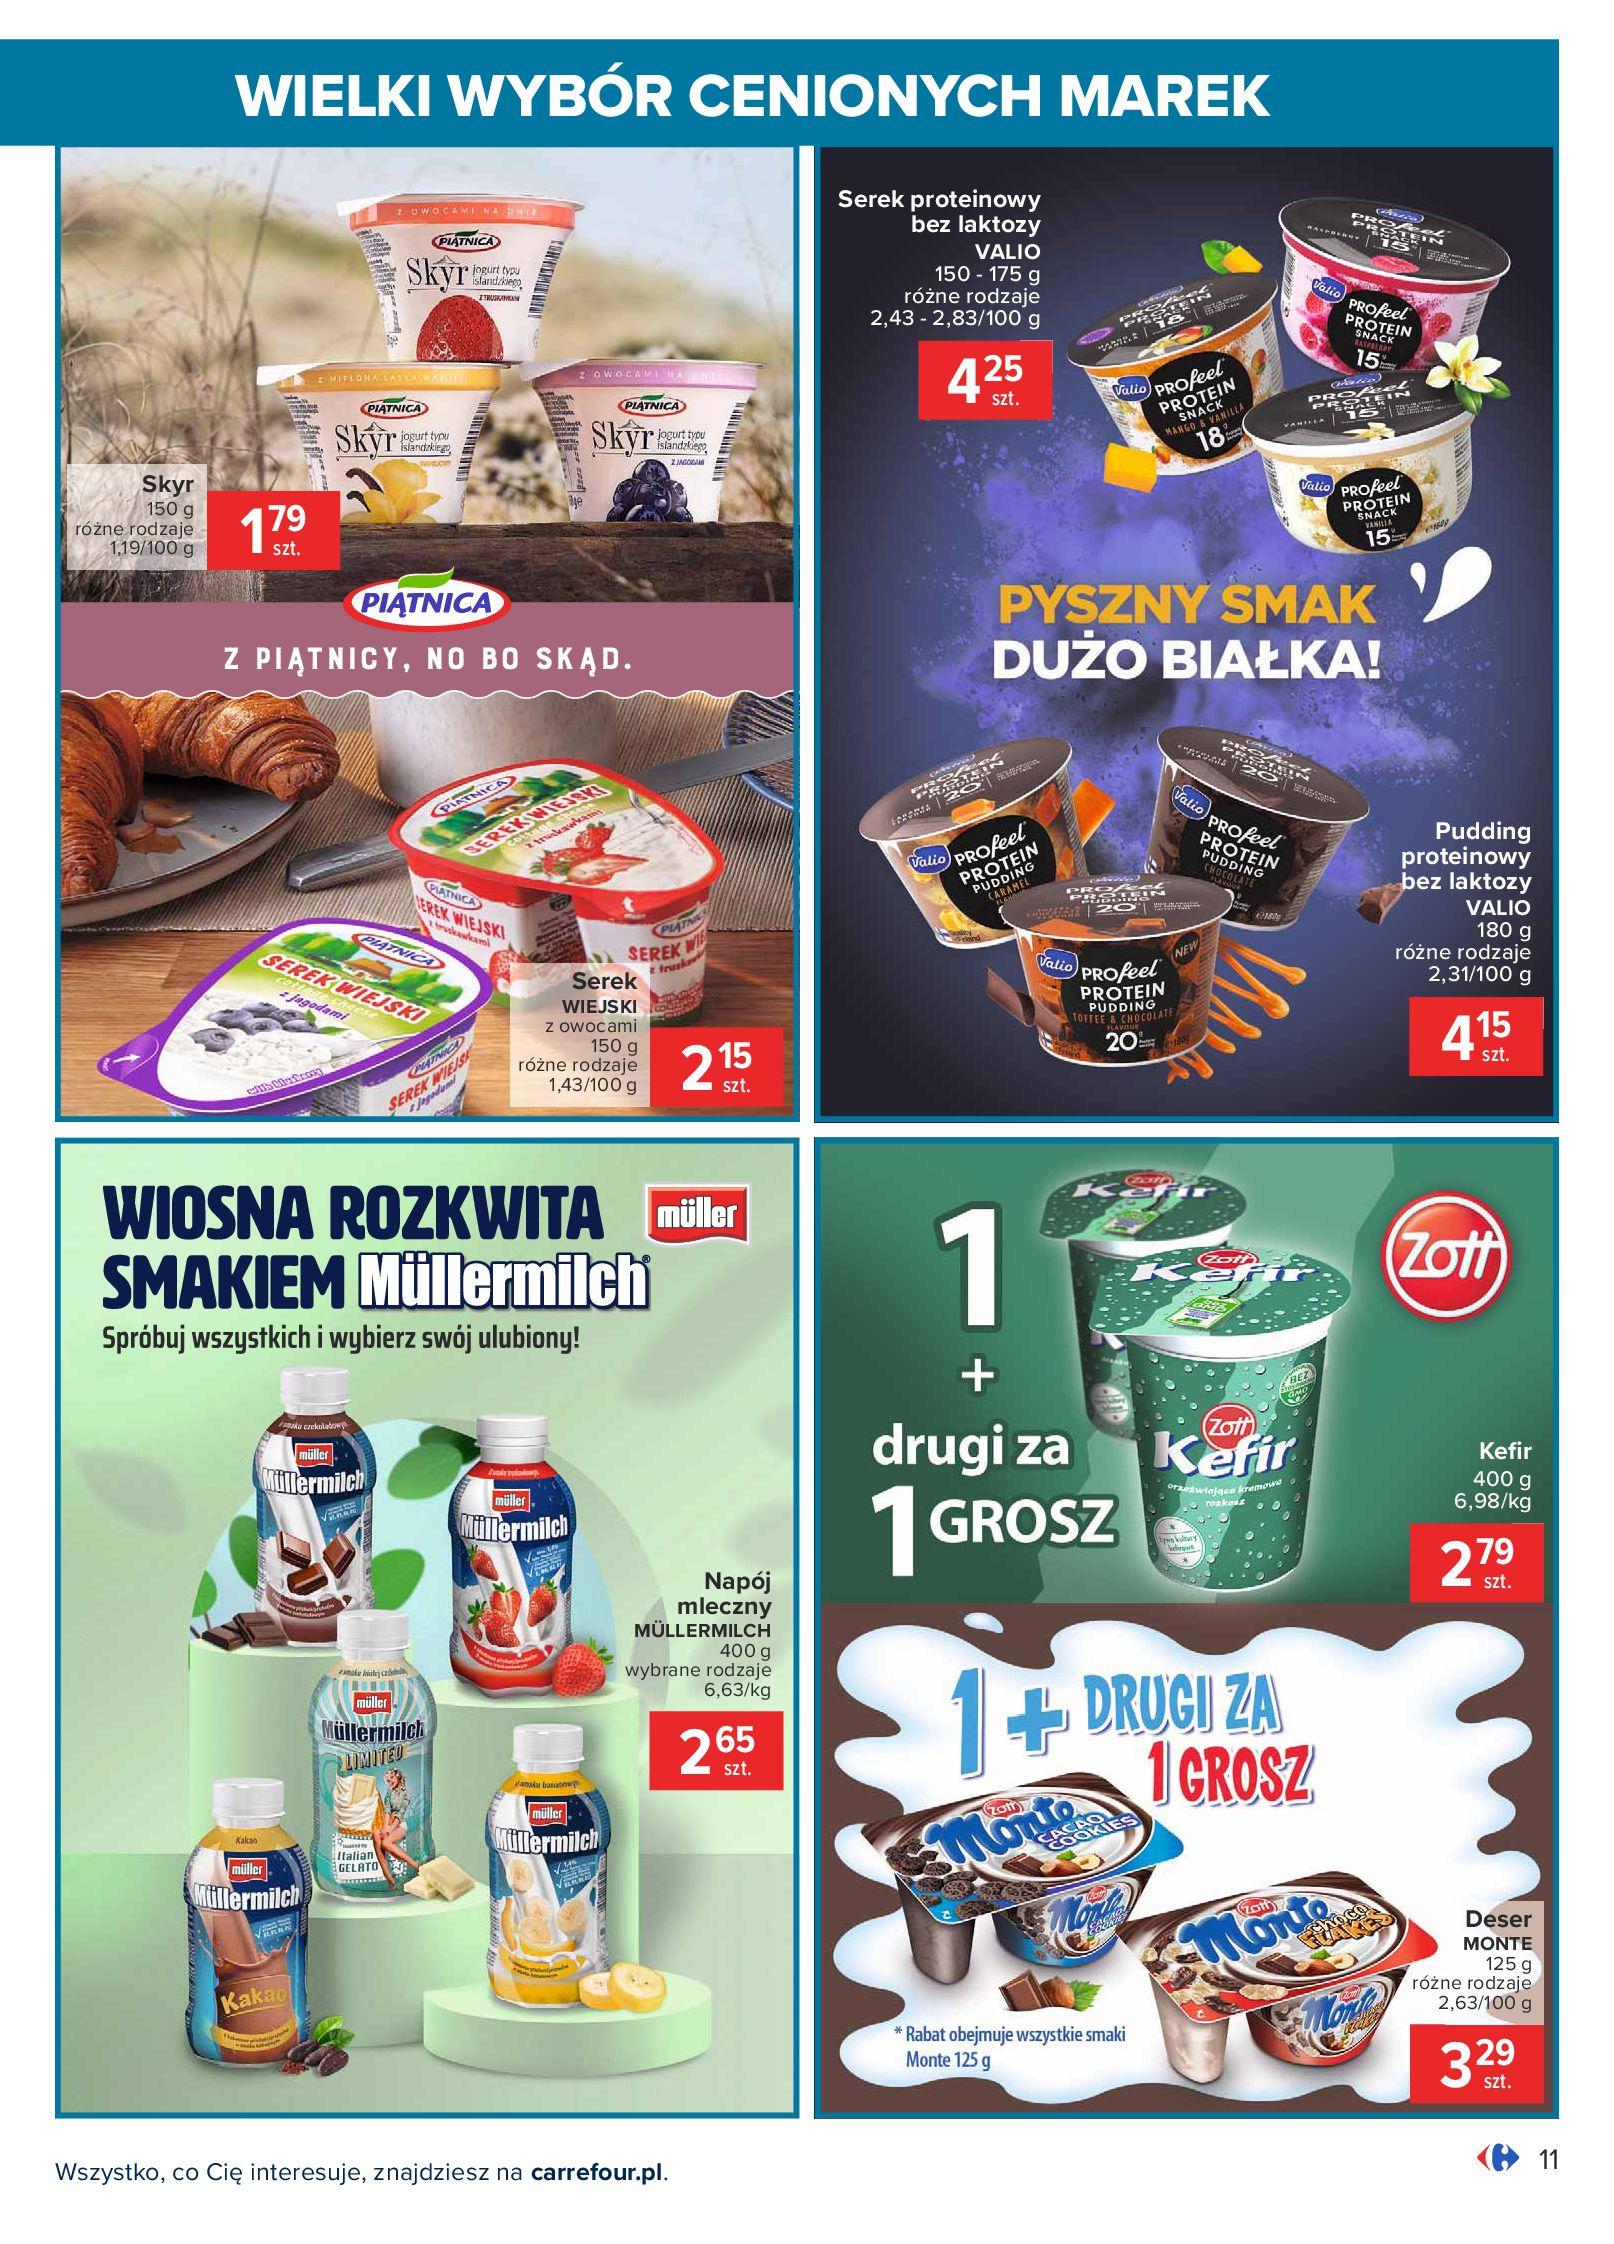 Gazetka Carrefour: Wielki wybór cenionych marek 2021-05-04 page-11